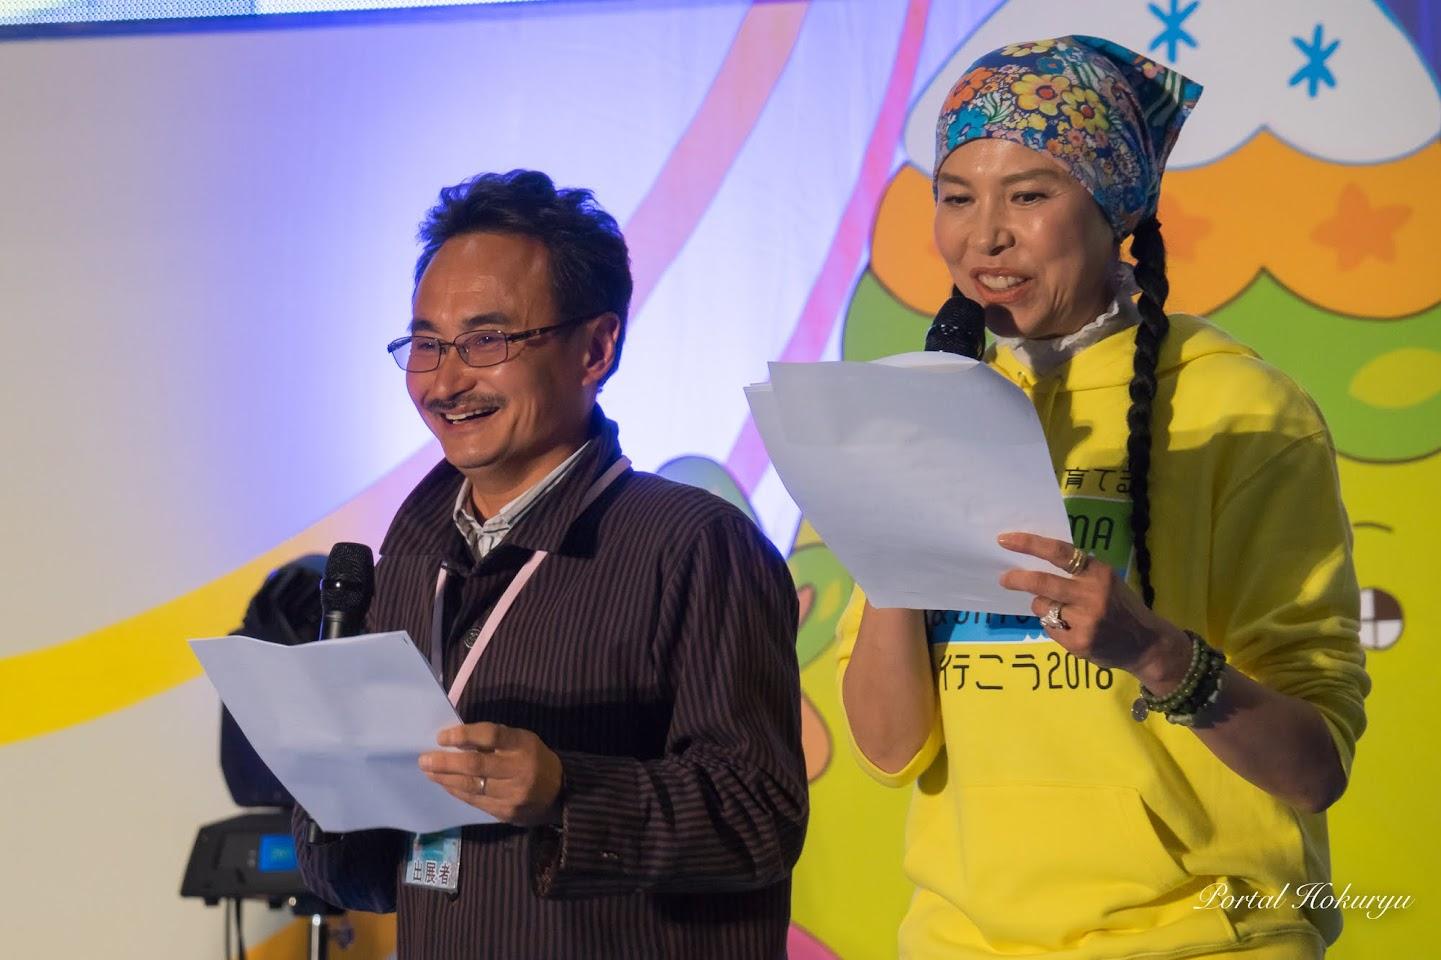 曽根原久司さん(左)、林マヤさん(右)